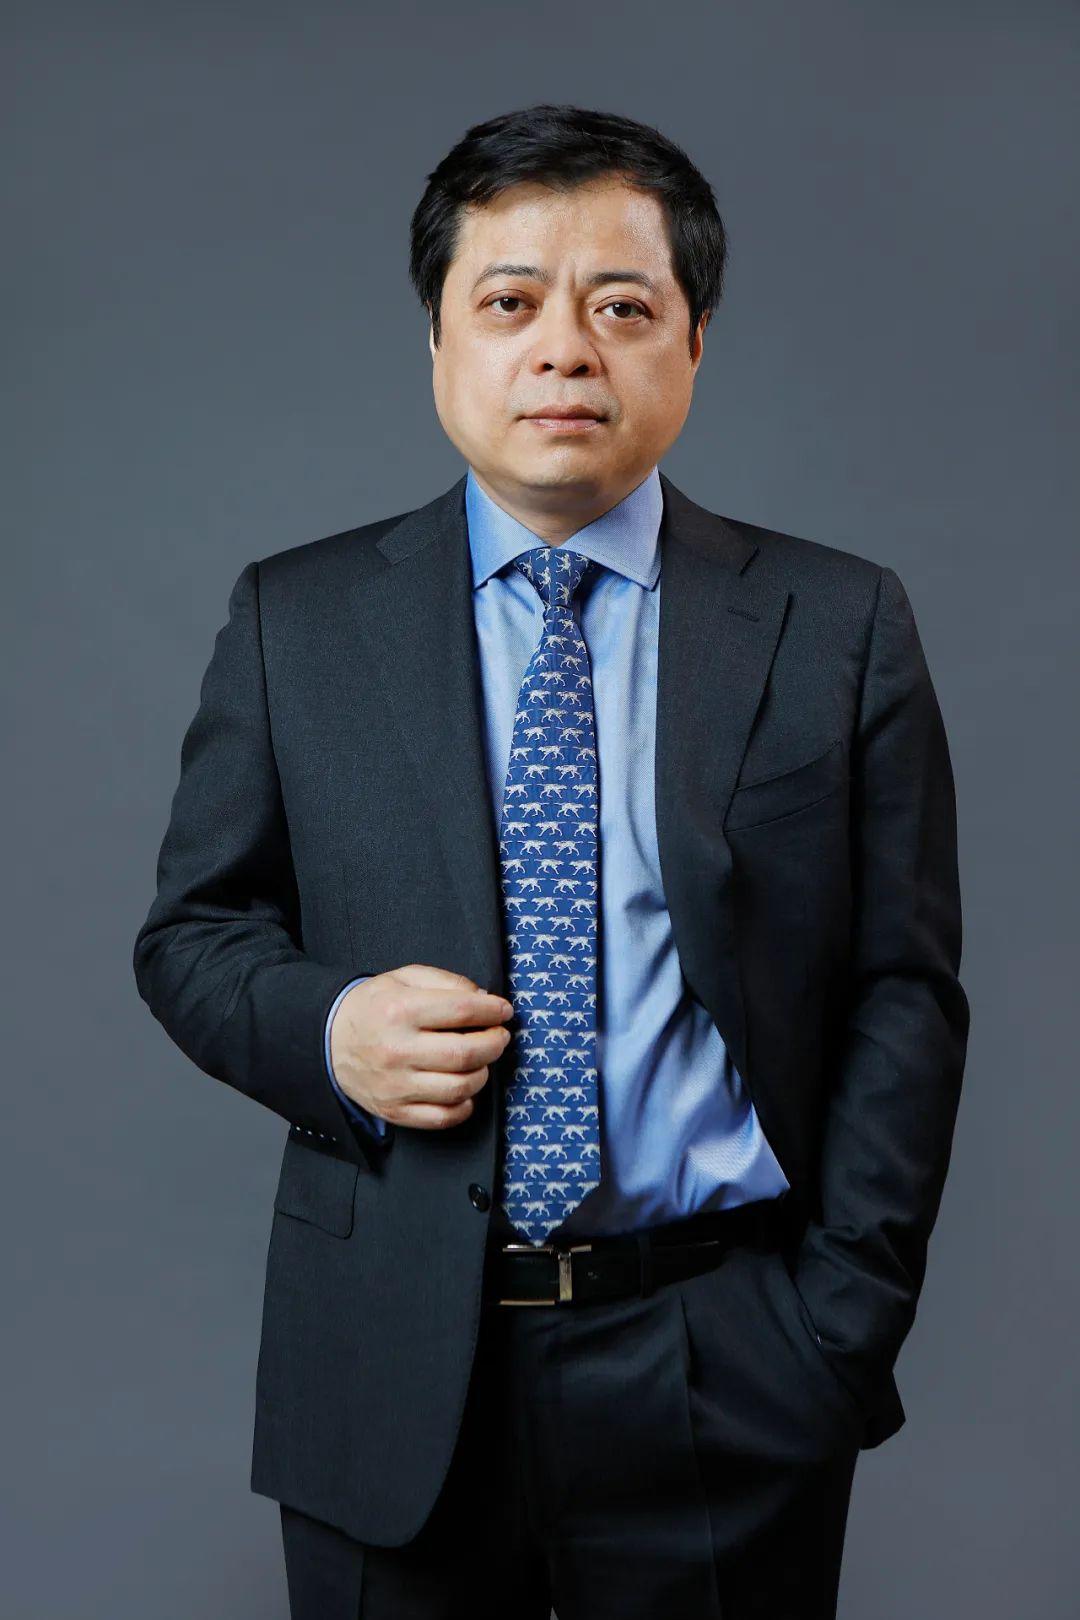 全国政协委员南存辉:建议延长2019年光伏竞价电站并网期限